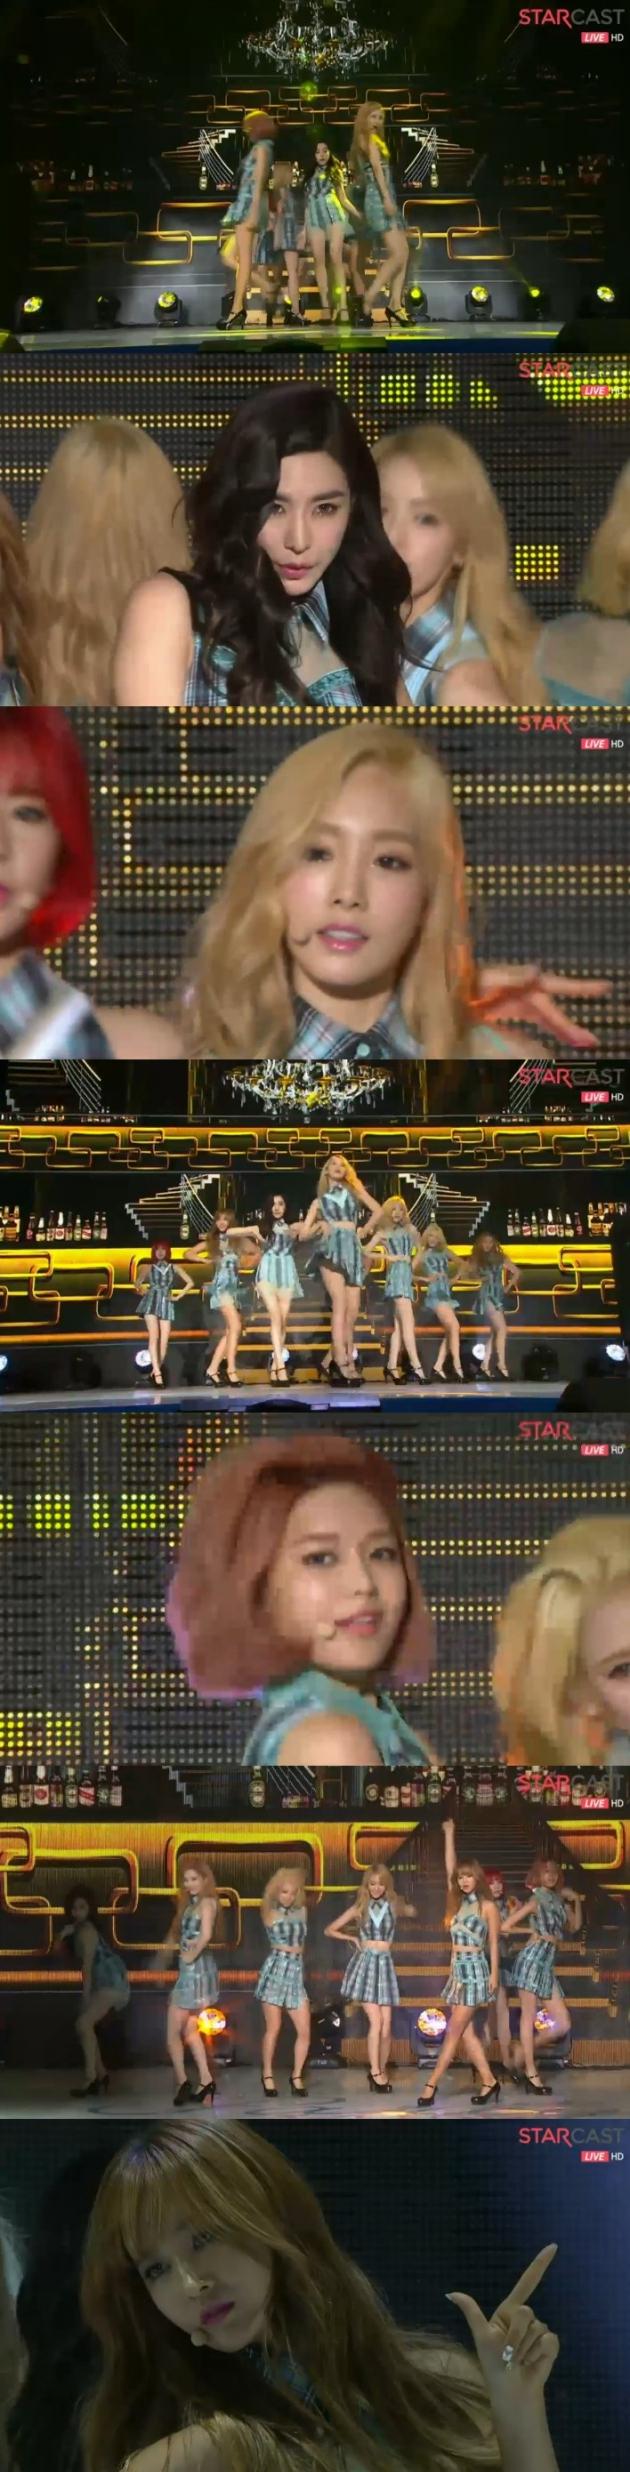 소녀시대 체크 / 소녀시대 체크 사진=네이버 캐스트 방송 캡처